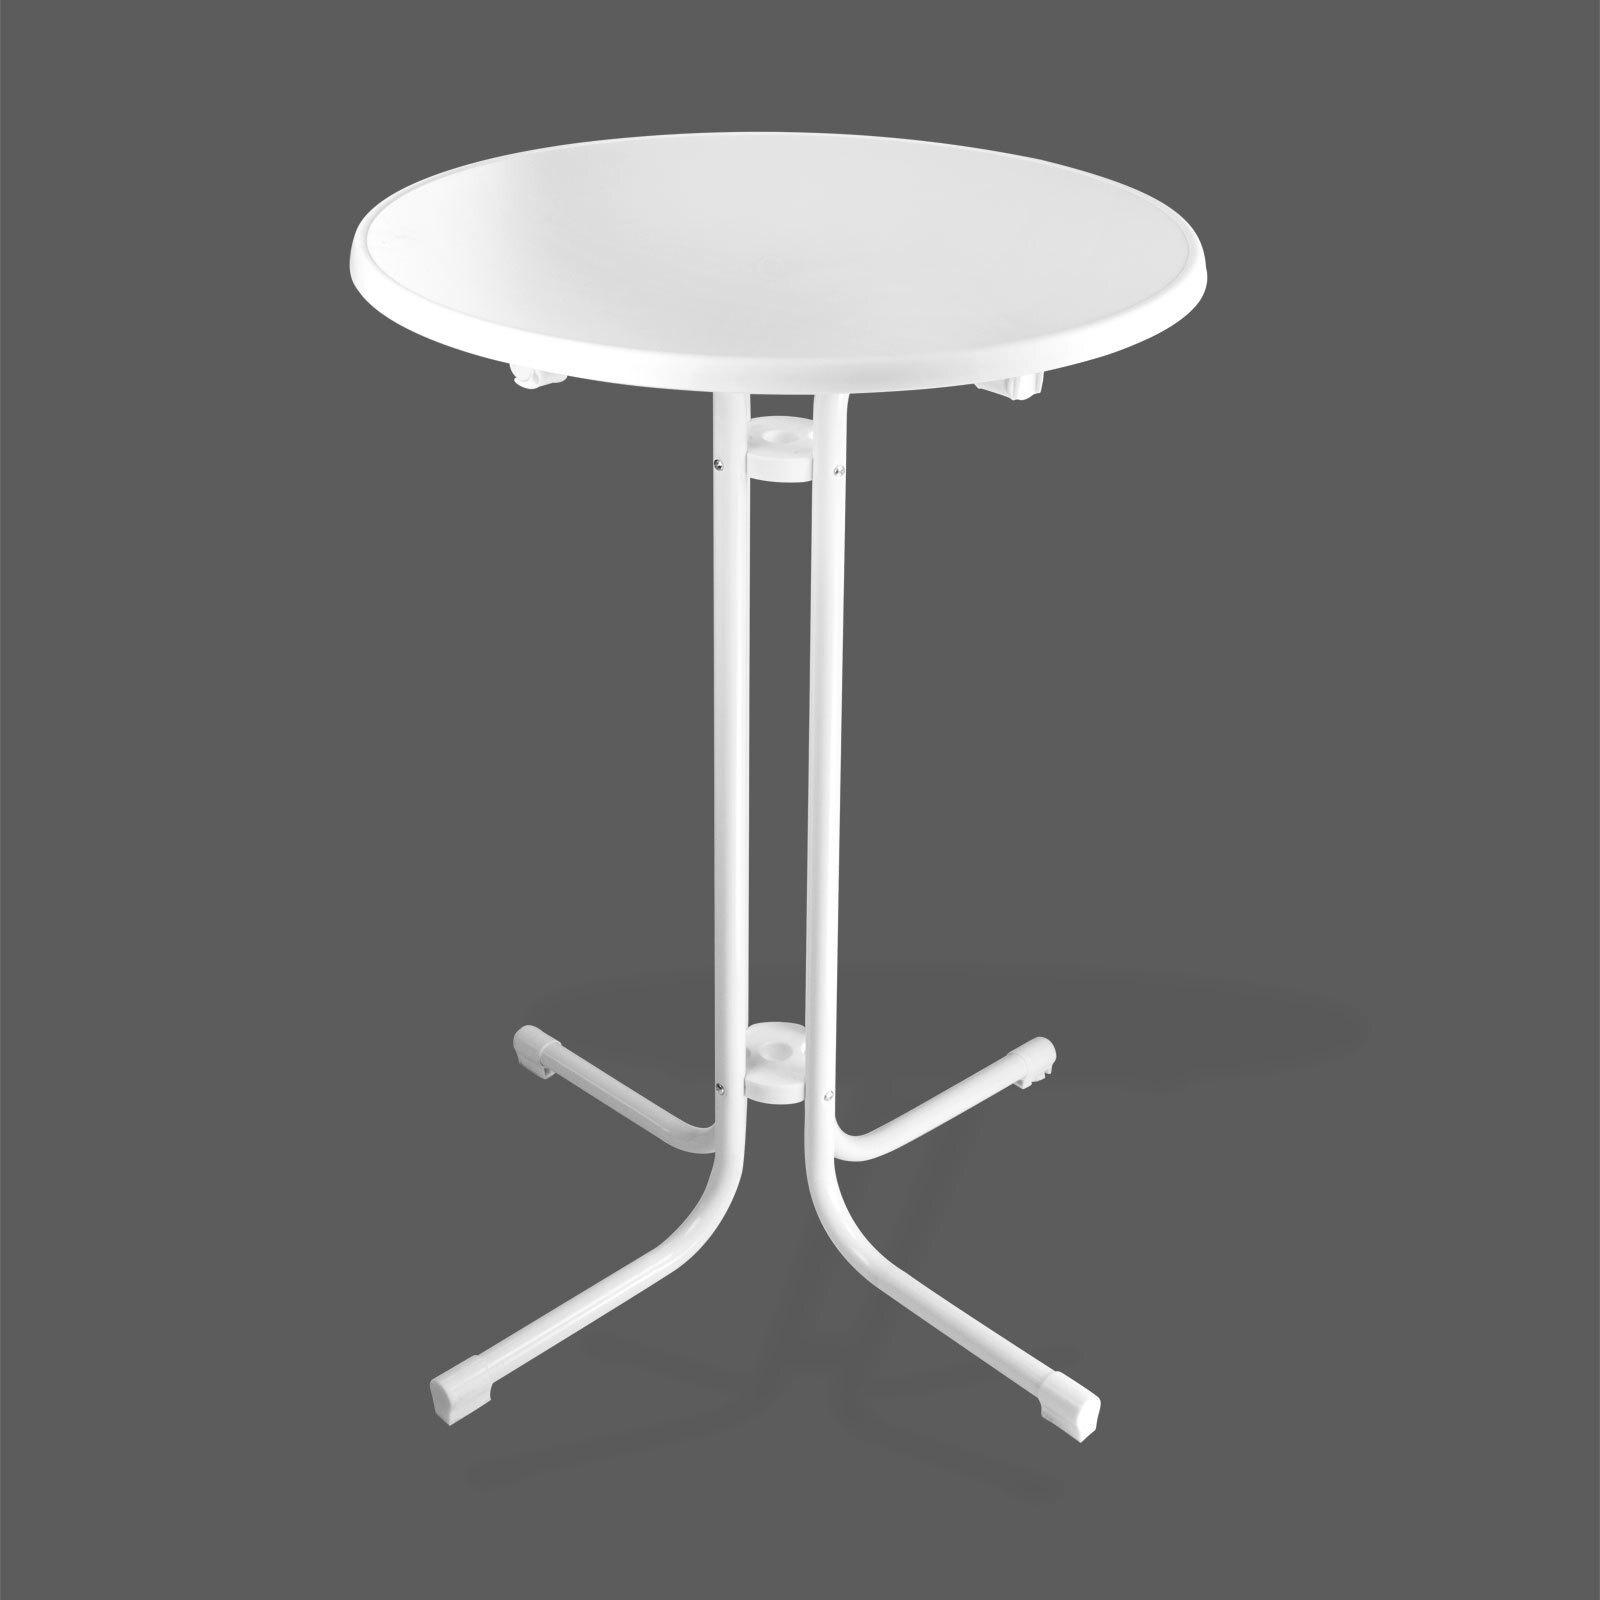 stehtisch bistrotisch klapptisch tisch treviso rund 70 cm klappbar wei ebay. Black Bedroom Furniture Sets. Home Design Ideas